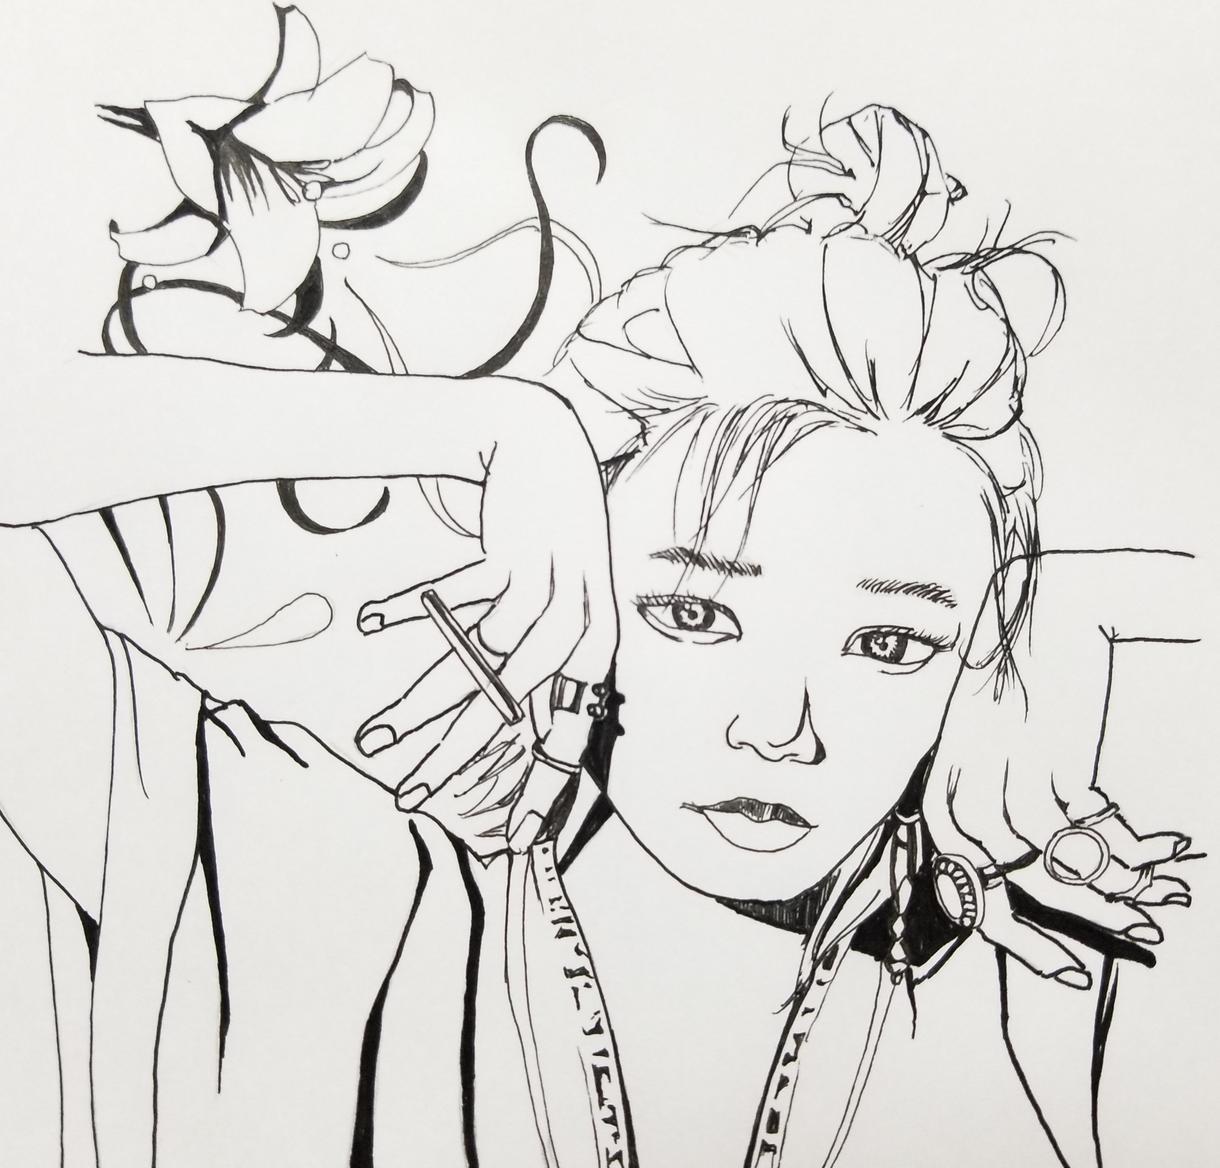 ボールペンで似顔絵(モノクロ)を描きます アイコンに、カードに、シンプルな似顔絵を